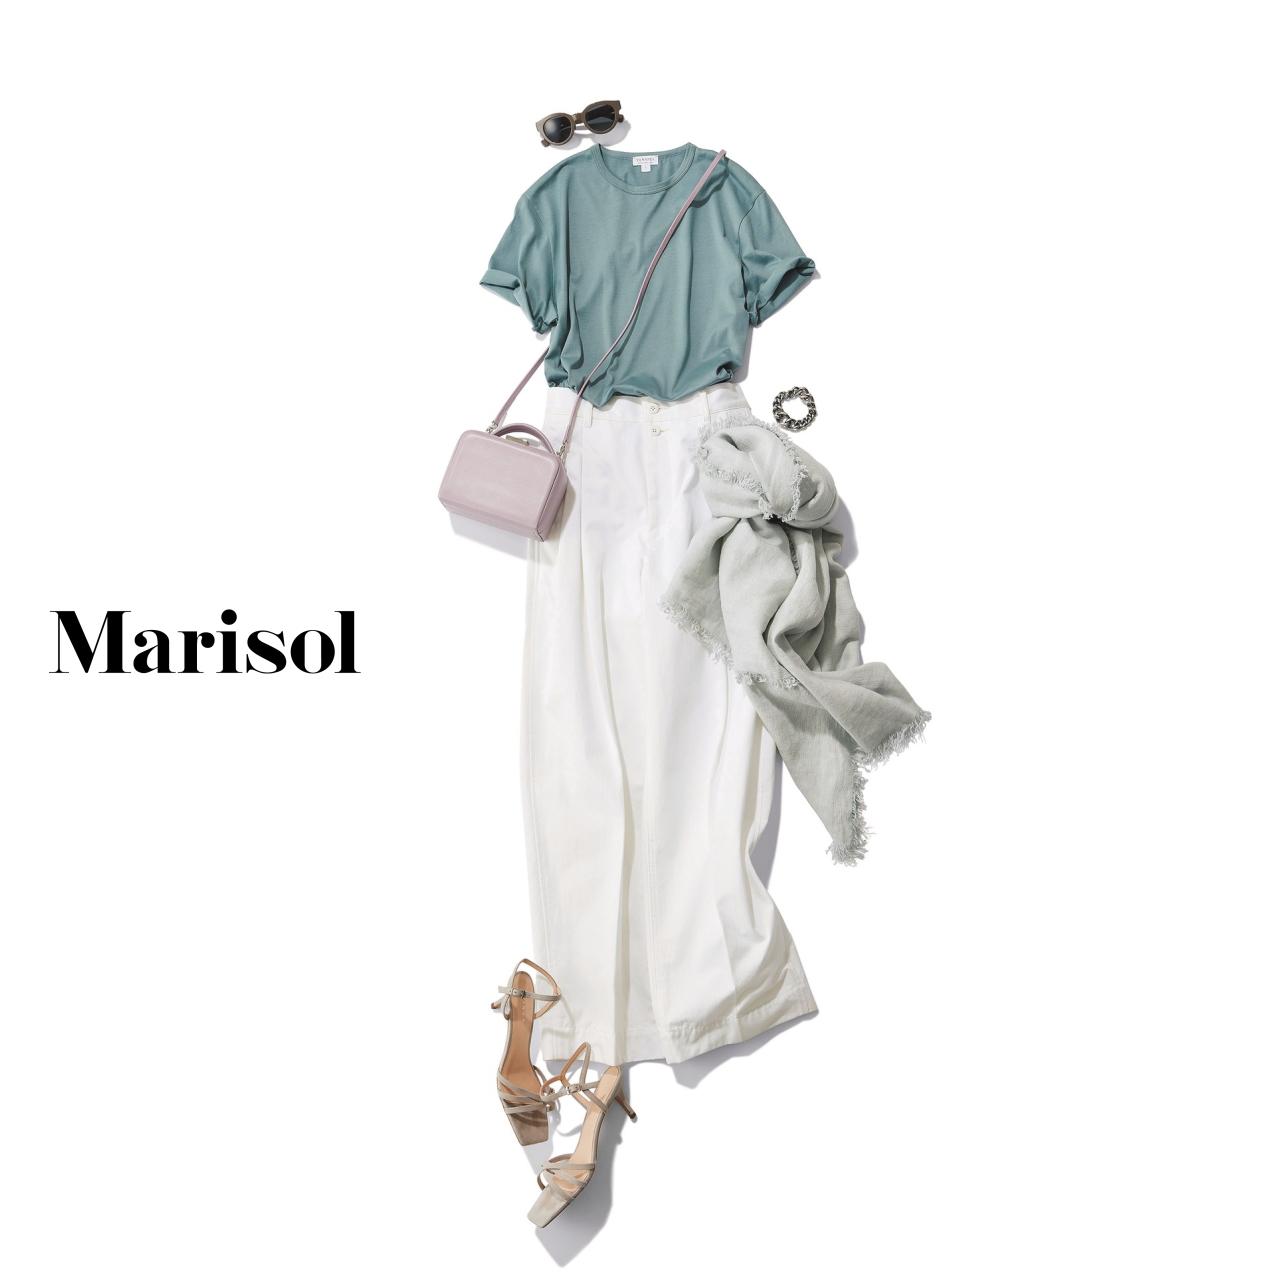 マリソルおしゃれ白書2020から大人のための夏のセットアップまで【ファッション人気記事ランキングトップ10】_1_10